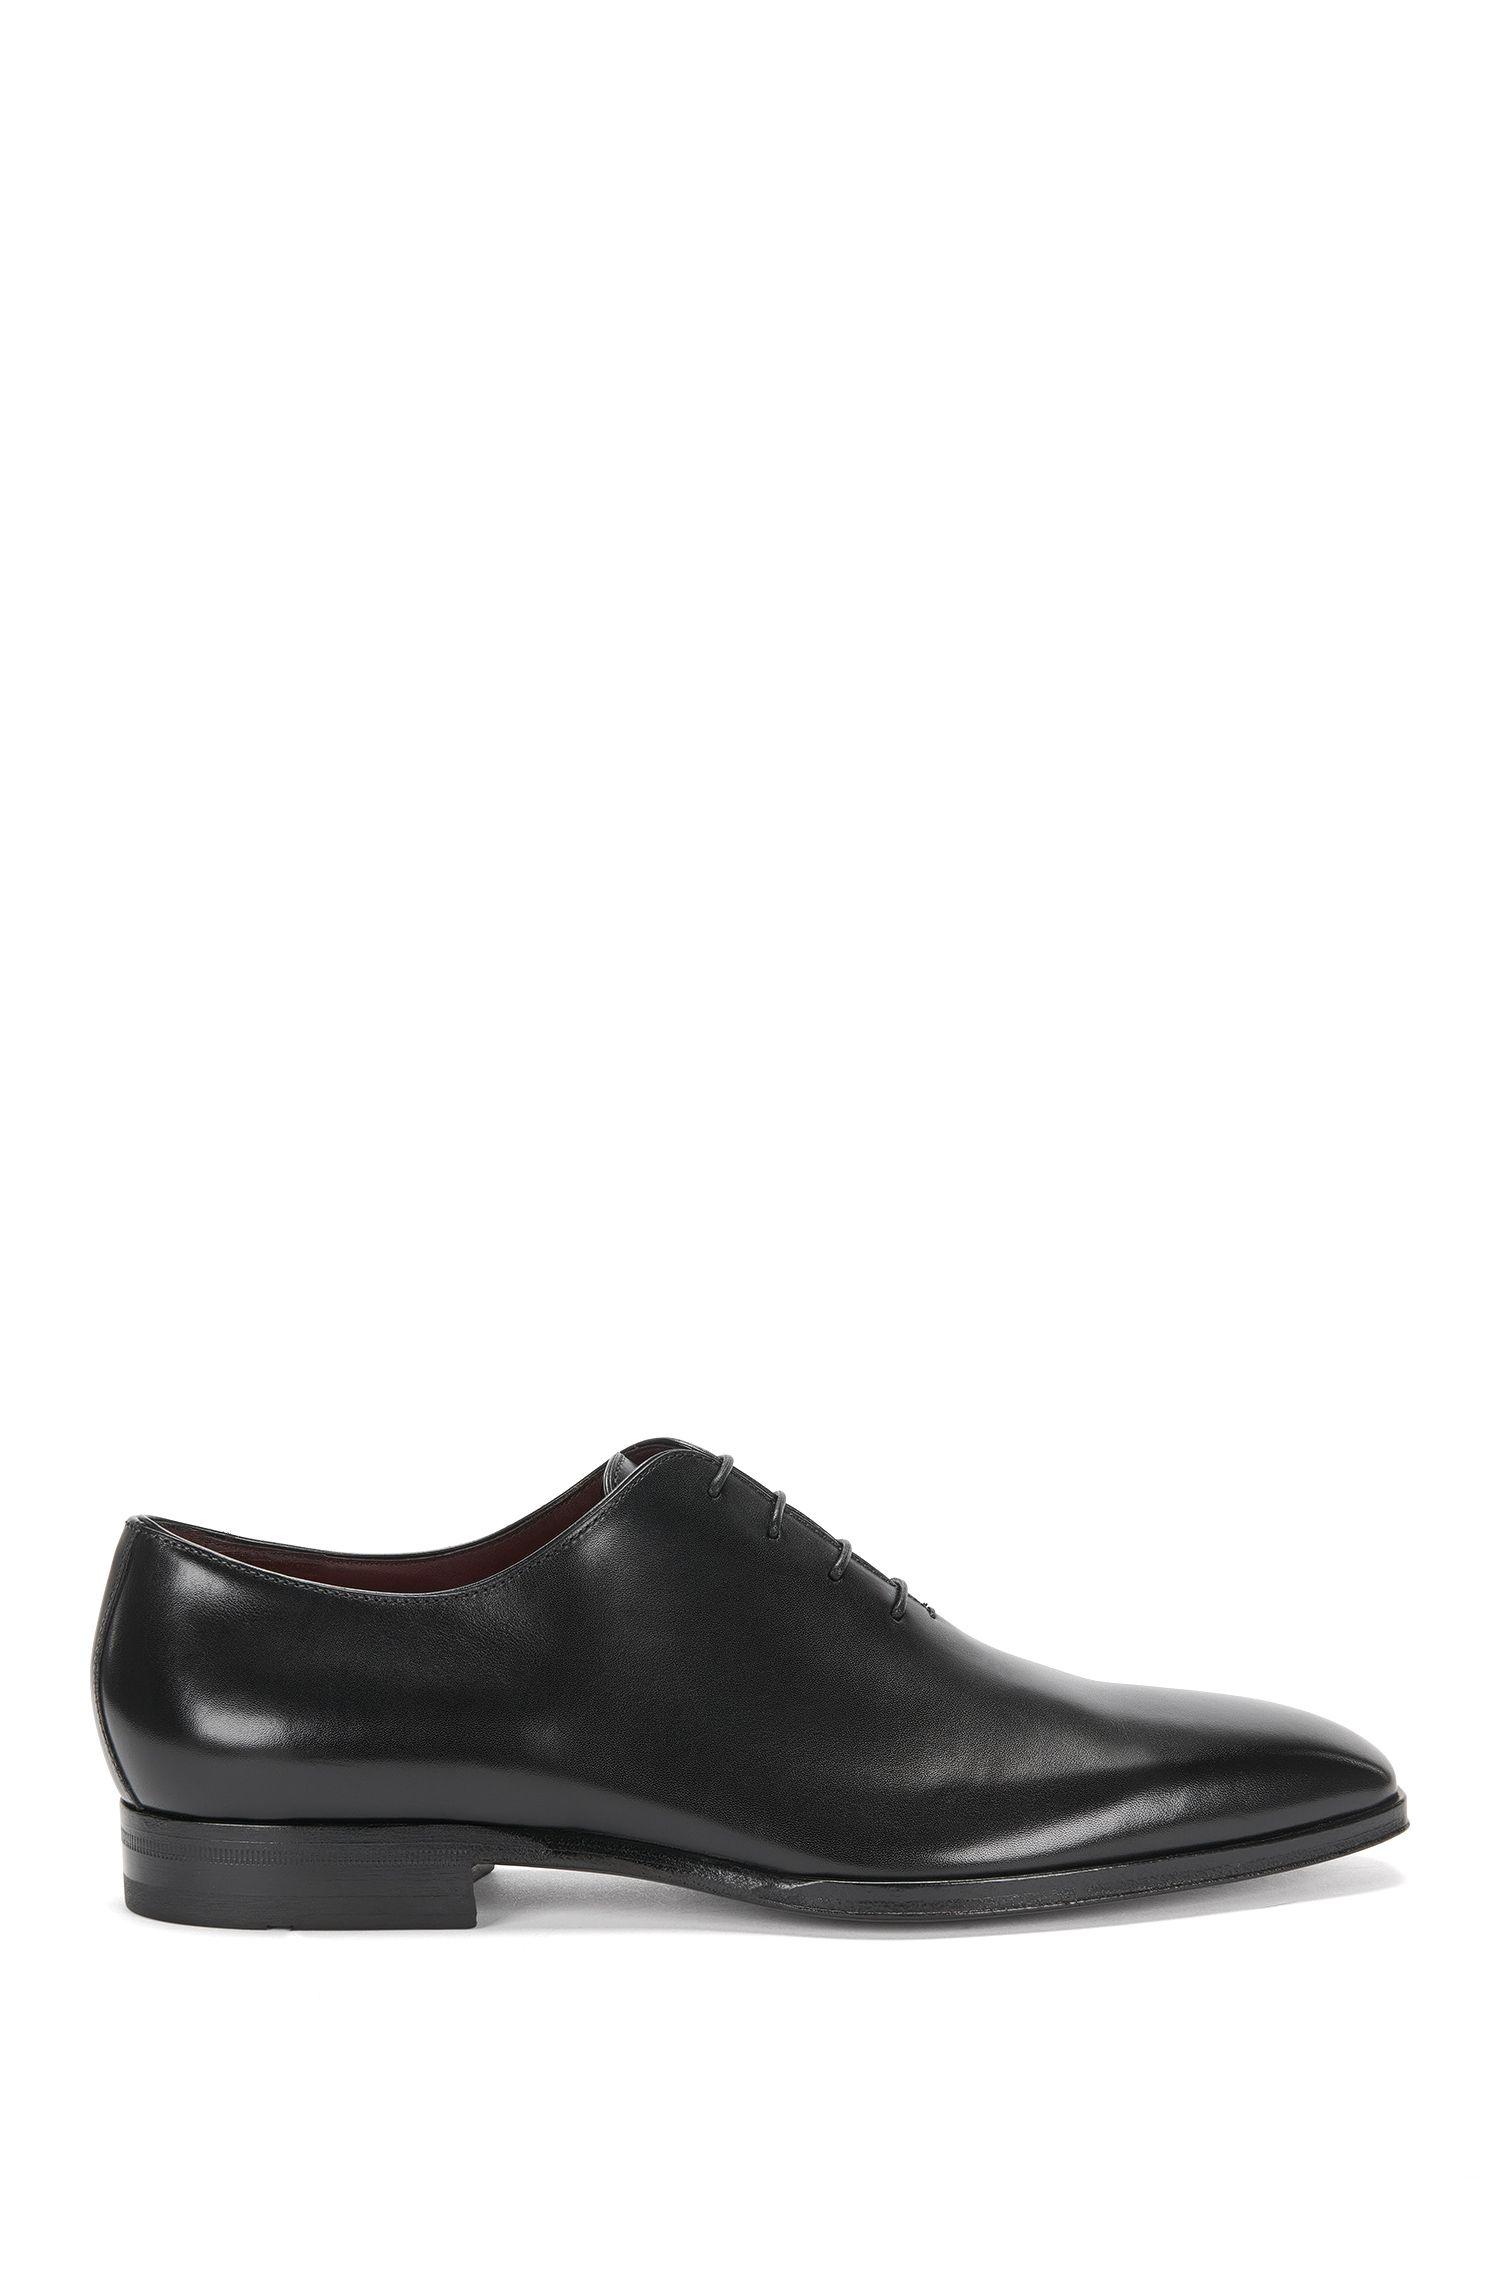 Chaussures à lacets Tailored en cuir: «T-Club-Oxfr-ltpt»